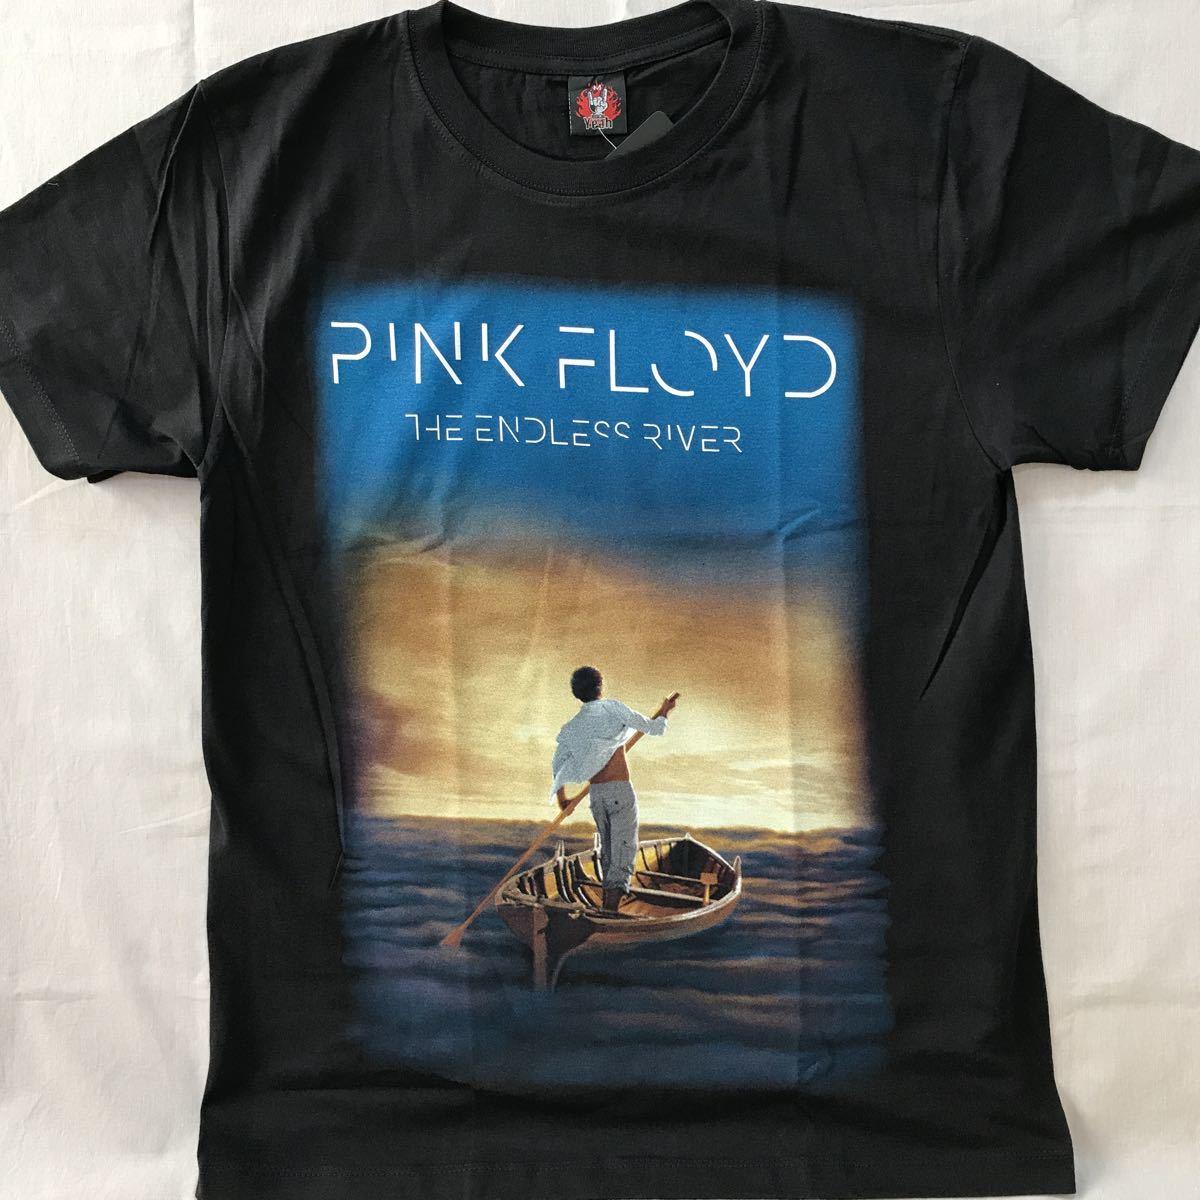 バンドTシャツ ピンクフロイド(PINK FLOYD)新品M_画像1